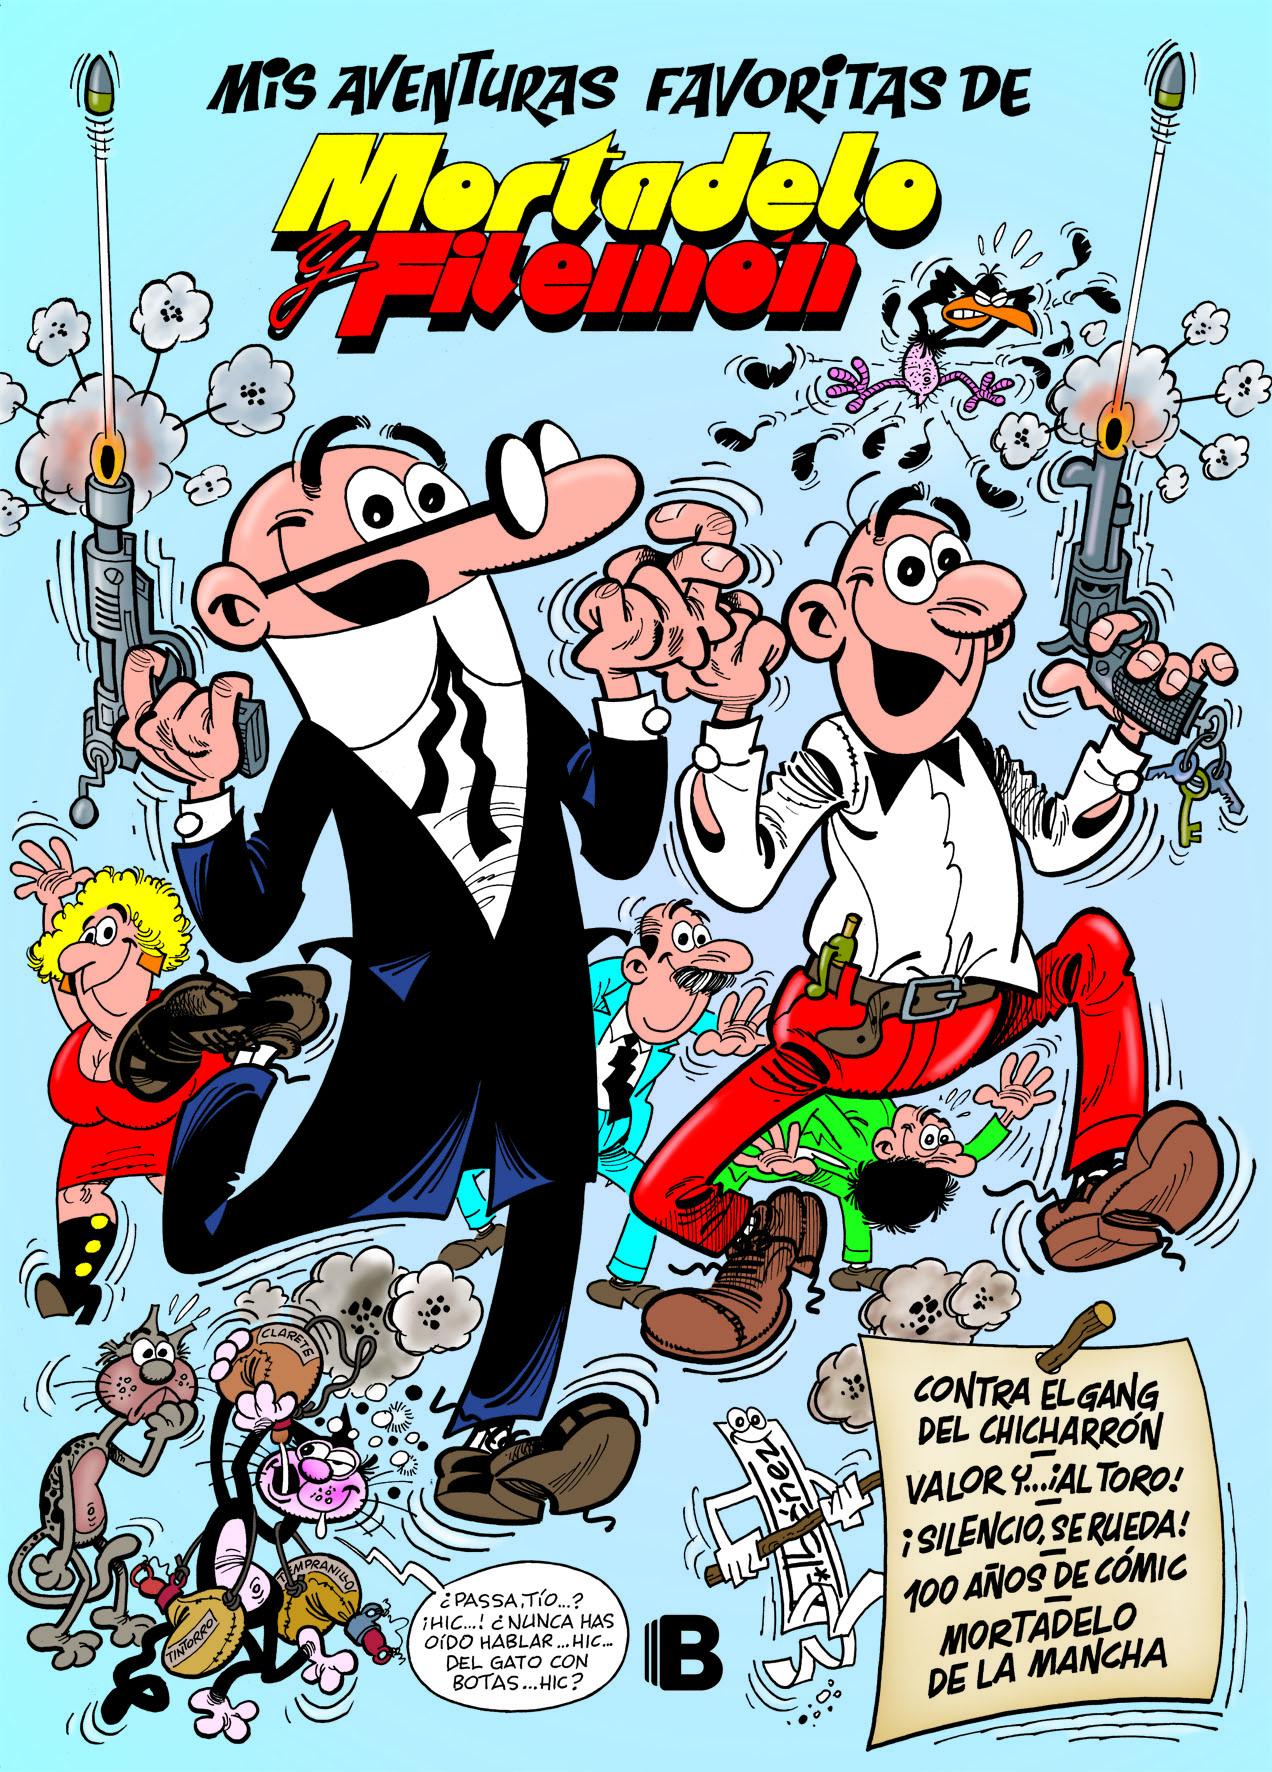 9b53688330 ... Ediciones B publicará un nuevo álbum recopilatorio que incluye las  aventuras favoritas de la serie estrella de Francisco Ibáñez  Mortadelo y  Filemón.